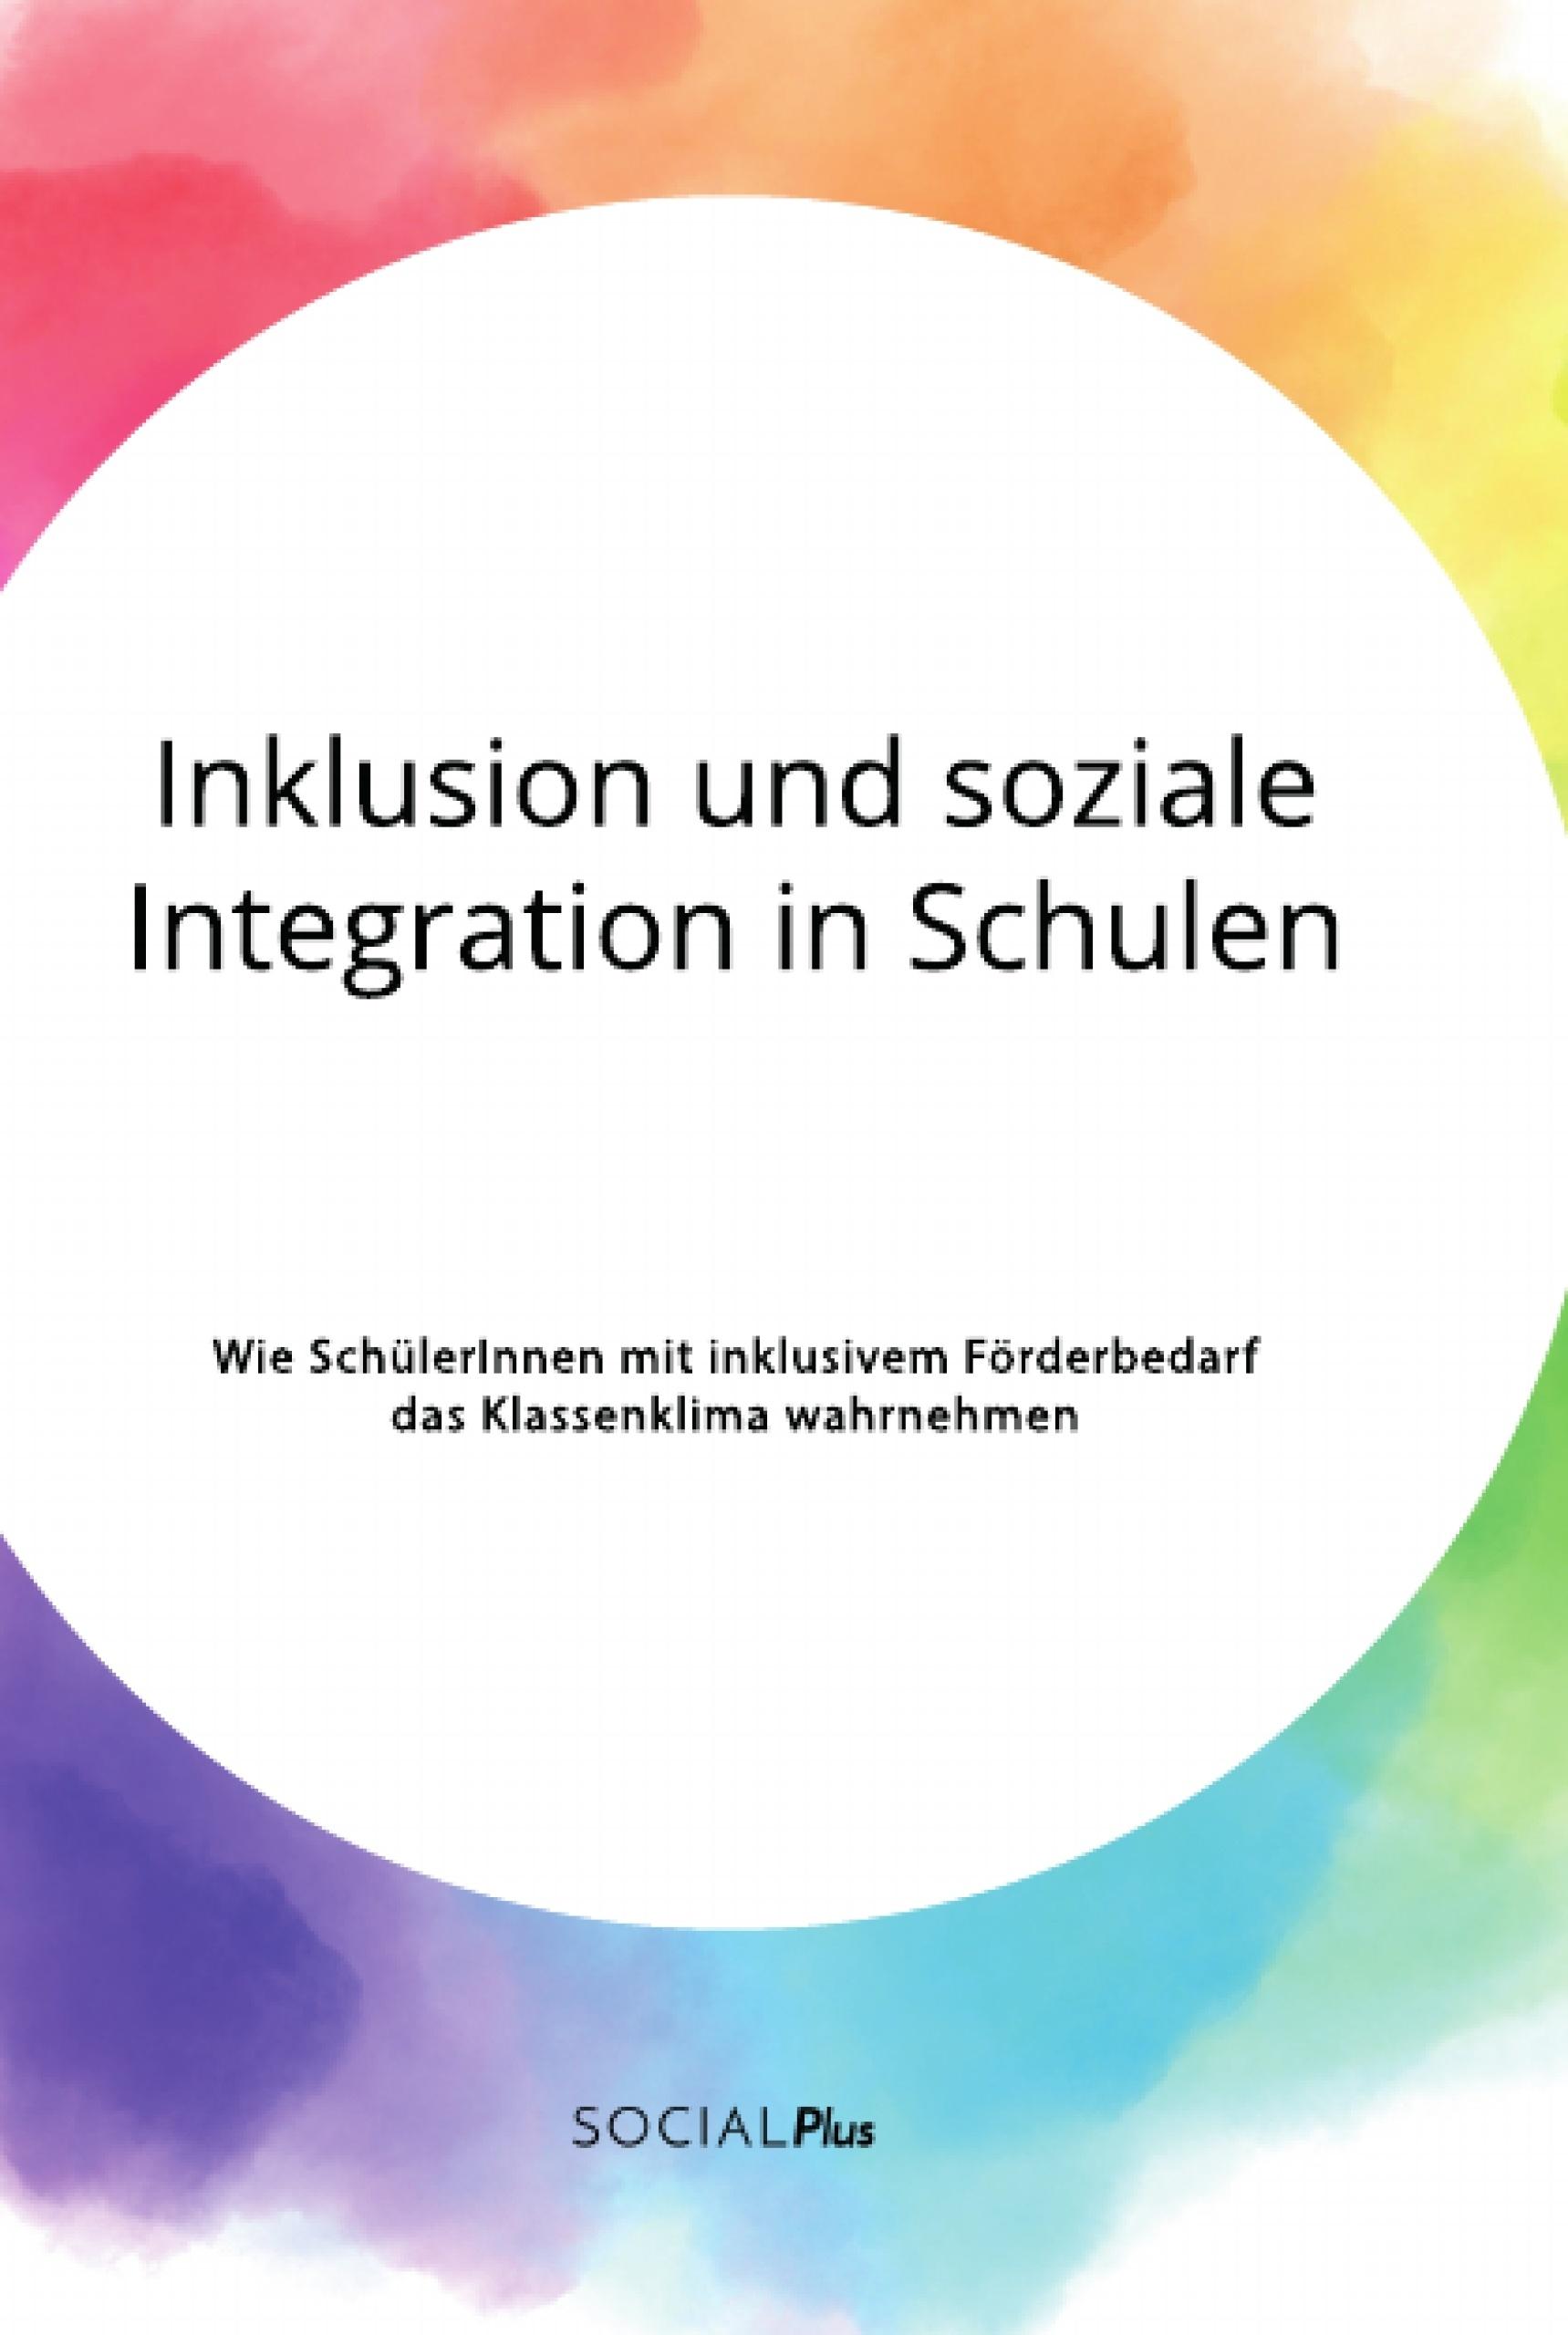 Titel: Inklusion und soziale Integration in Schulen. Wie SchülerInnen mit inklusivem Förderbedarf das Klassenklima wahrnehmen